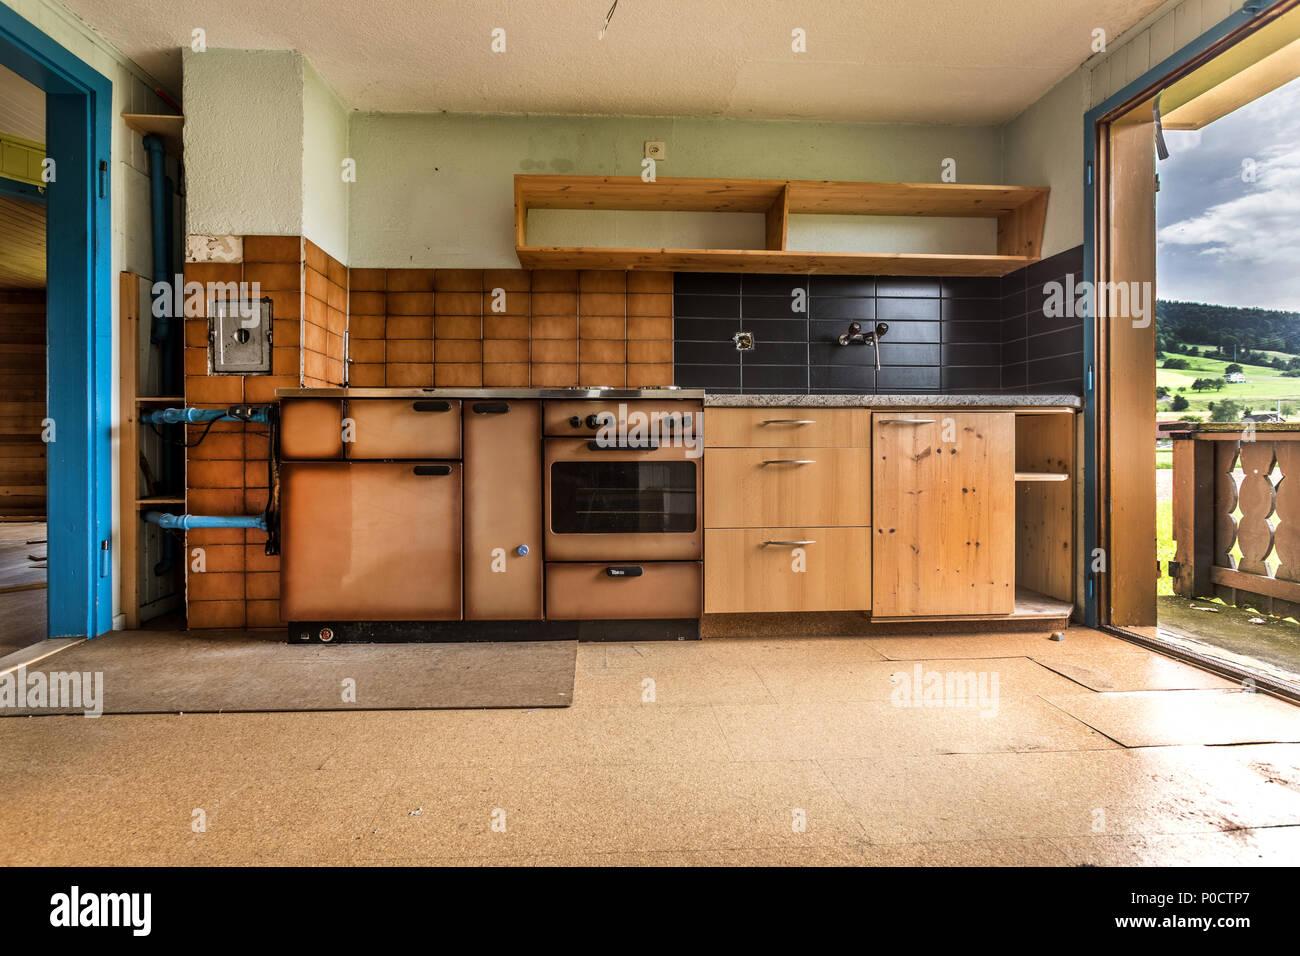 Ancienne cuisine dans une maison qui est démoli Banque D ...